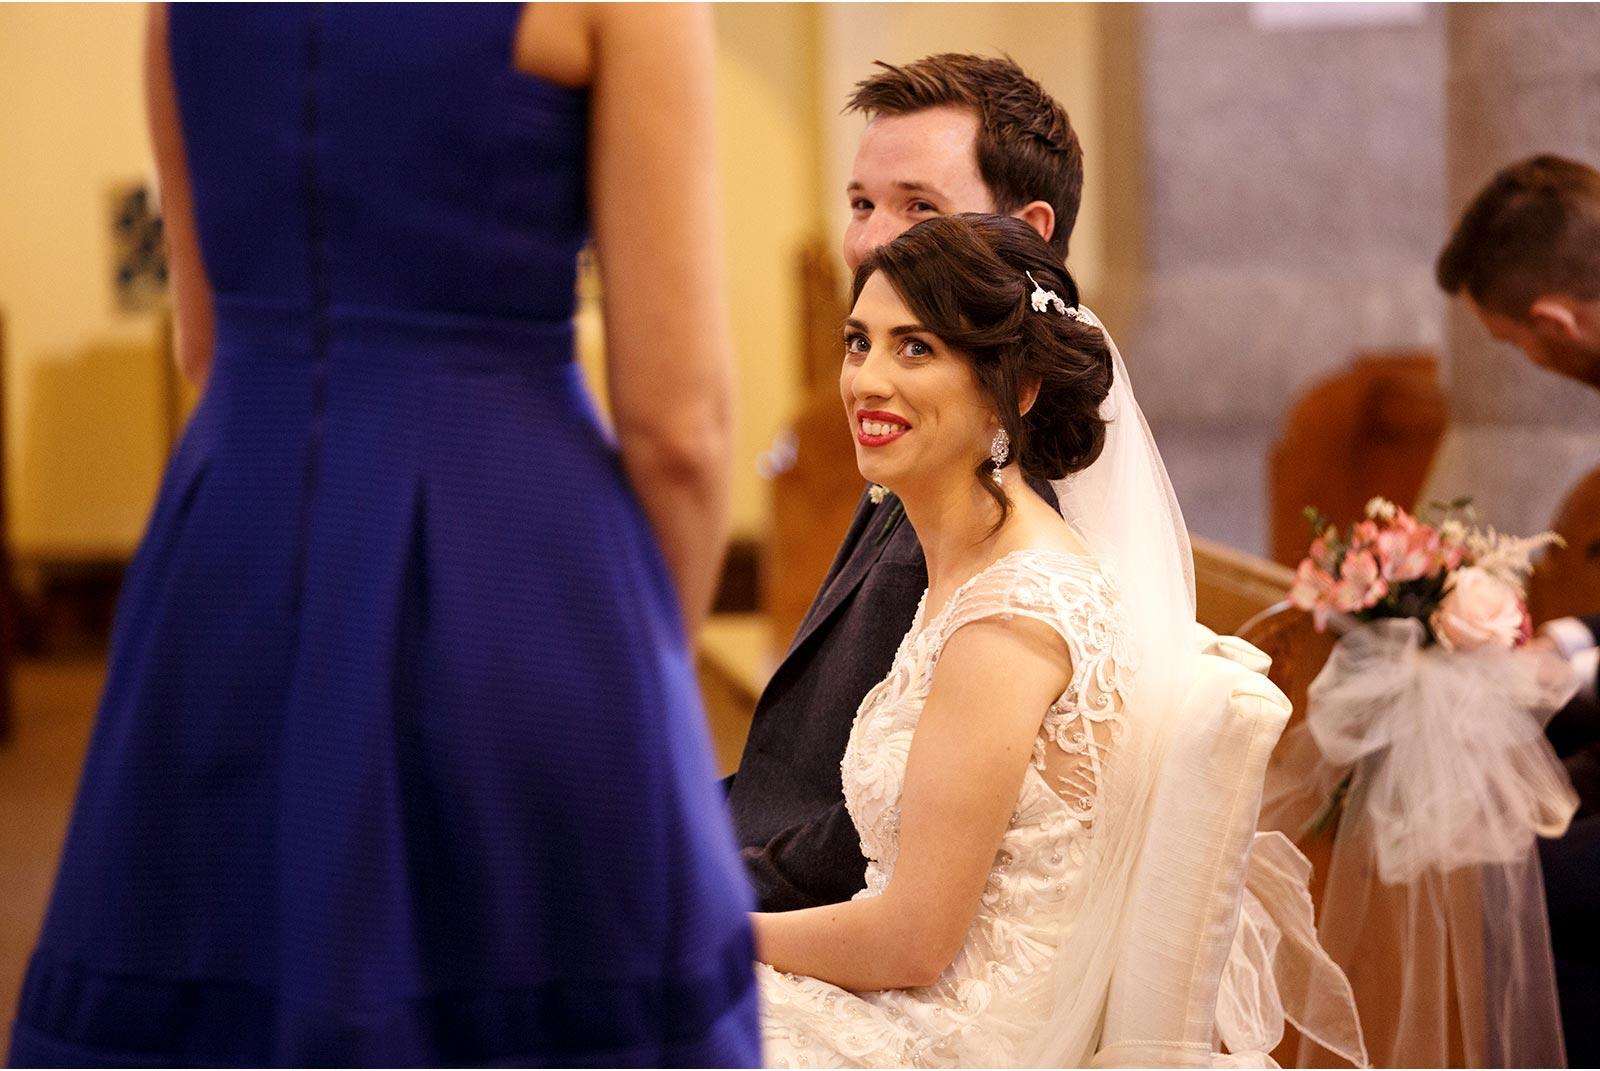 smiling bride during wedding mass